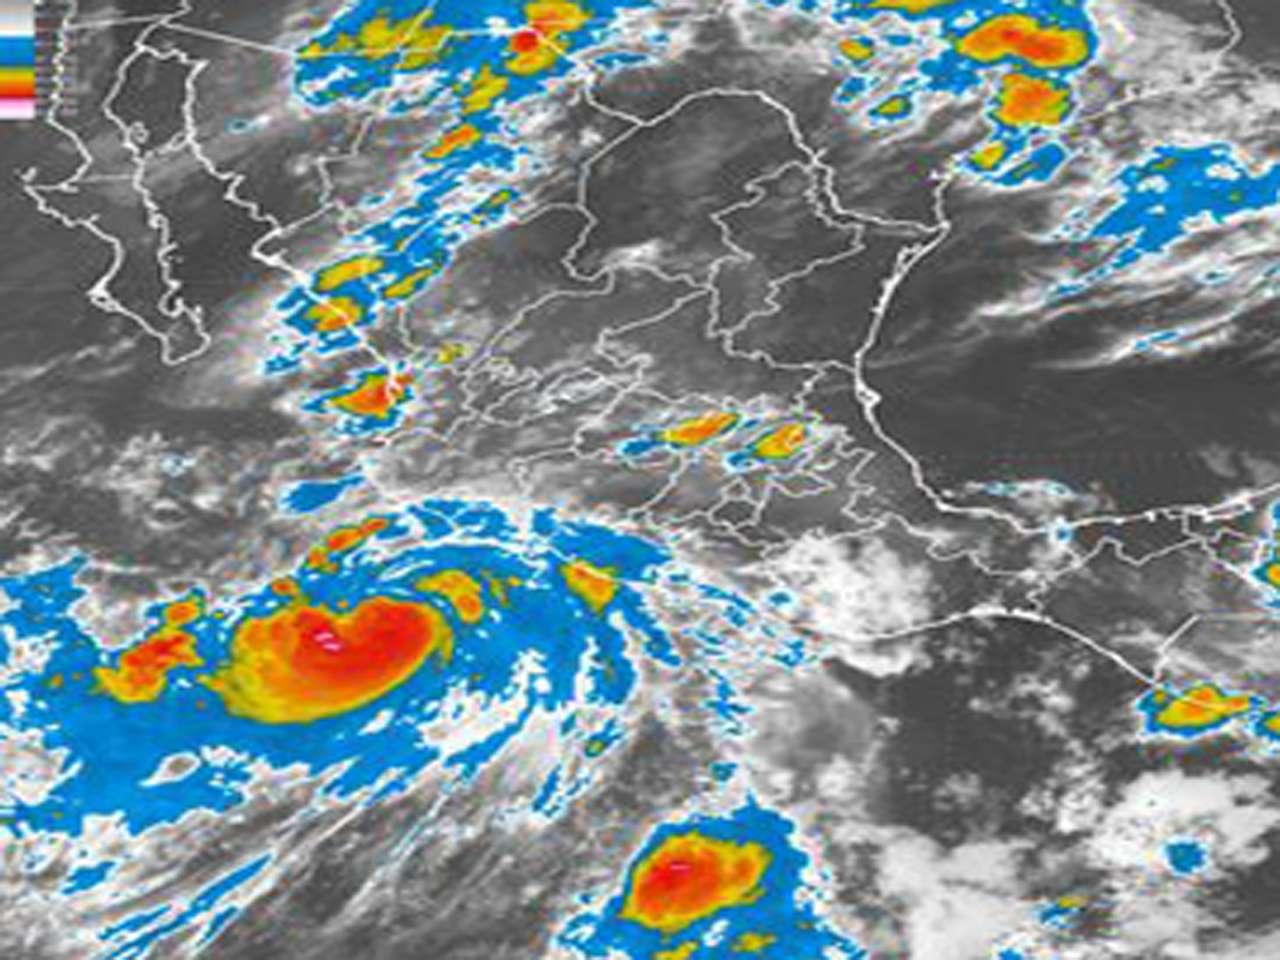 Favorecerá lluvias intensas (de 75 a 150 mm) en Jalisco y Colima; muy fuertes (de 25 a 50 mm) en Nayarit, Oaxaca, Guerrero y Michoacán Foto: Conagua